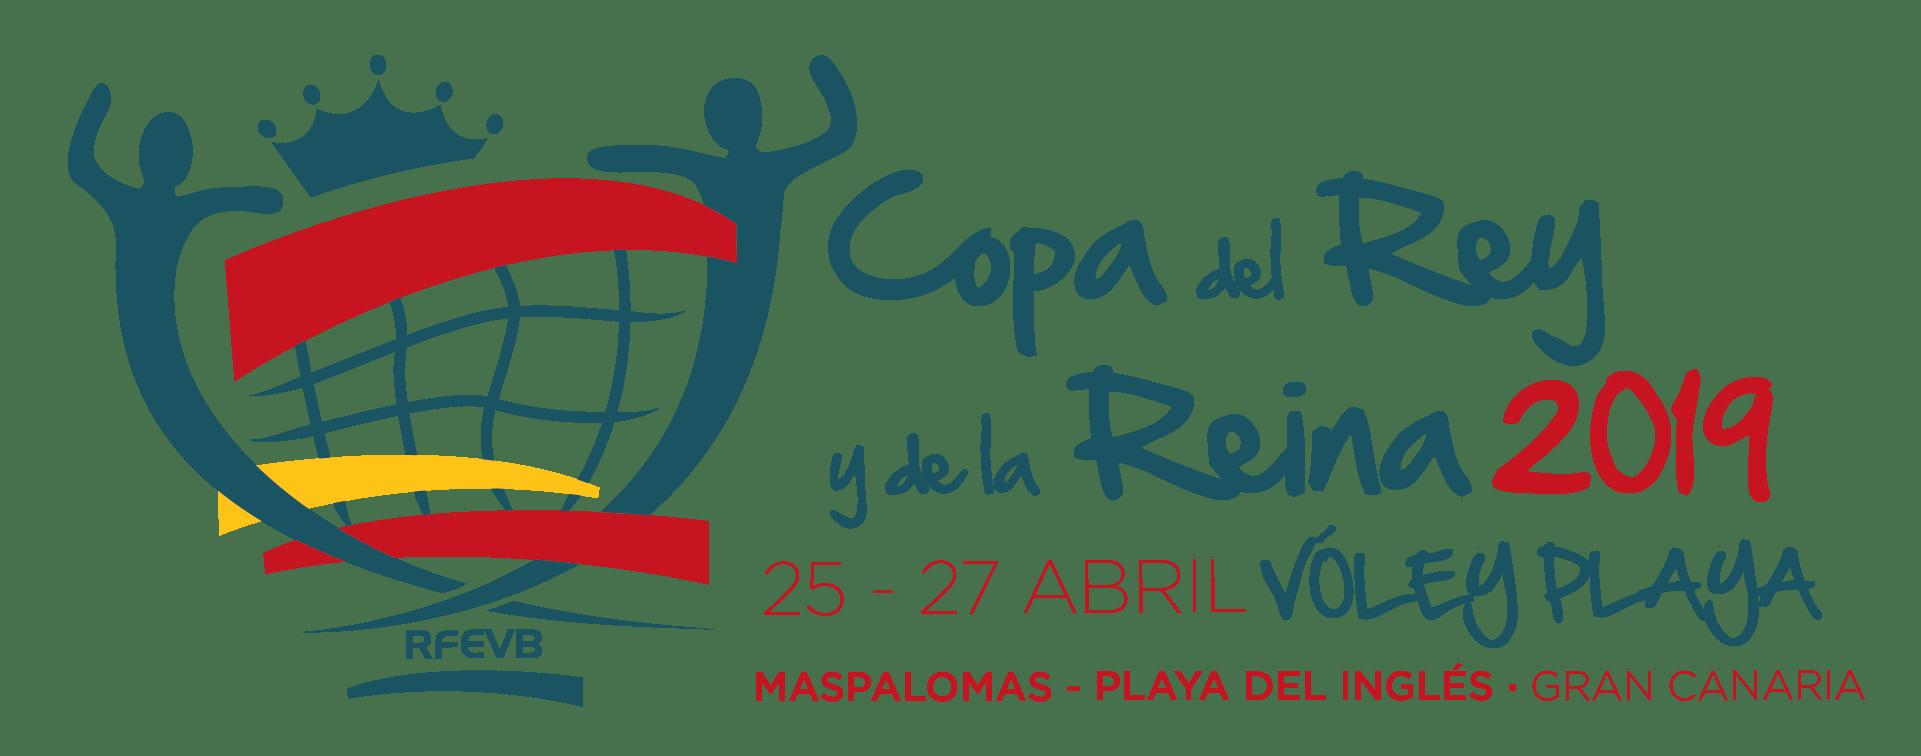 COPA DEL REY Y LA REINA 2019 | Madison Beach Volley Tour